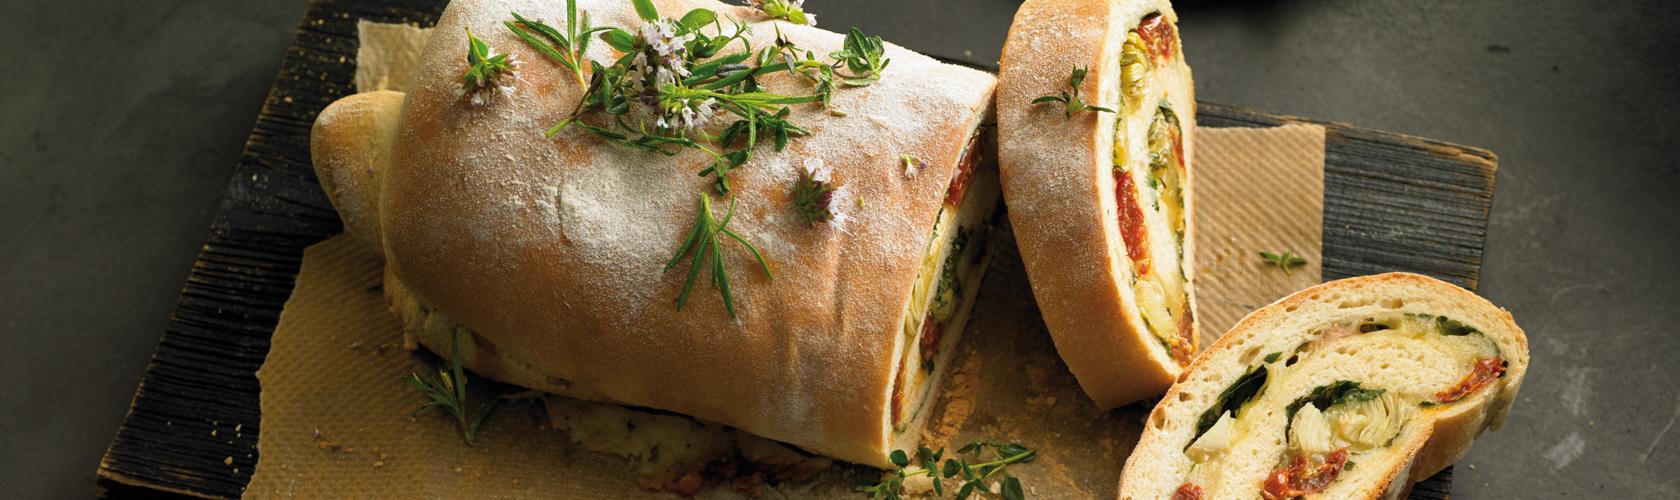 Nordberger Kräuter-Käse-Brot